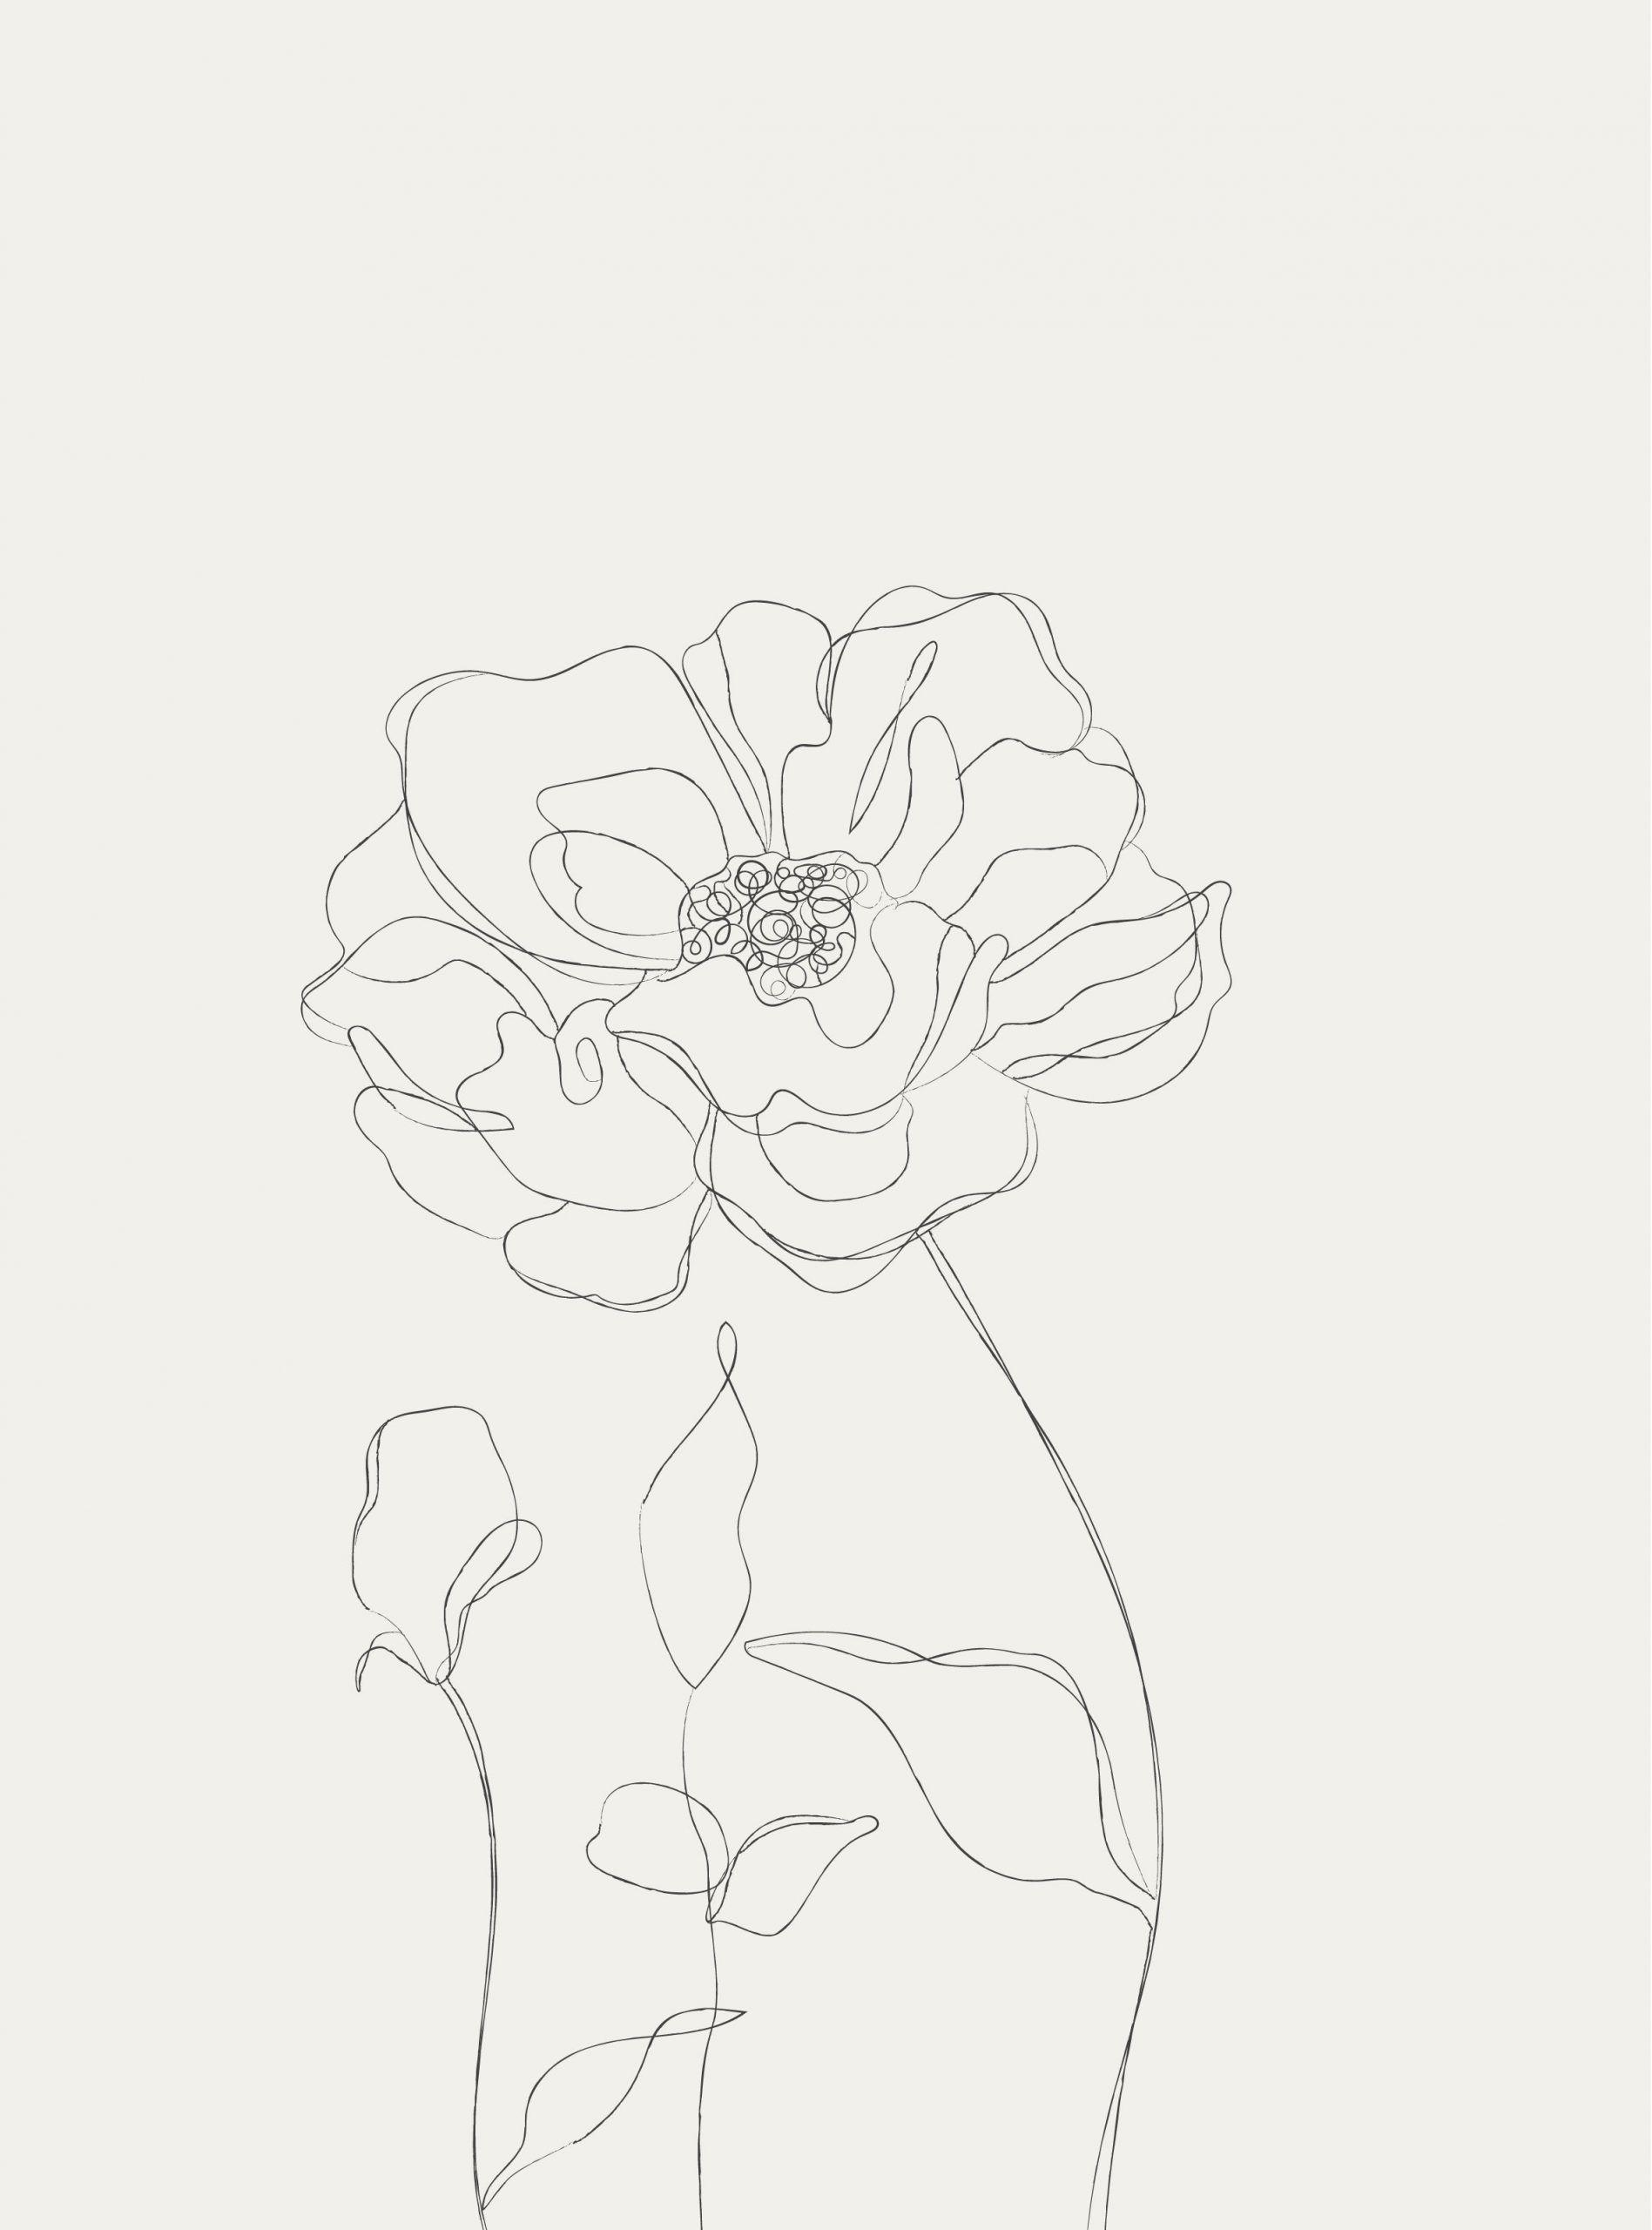 Minimalist Botanical Line Illustration - galerie design studio#botanical #design #galerie #illustration #line #minimalist #studio